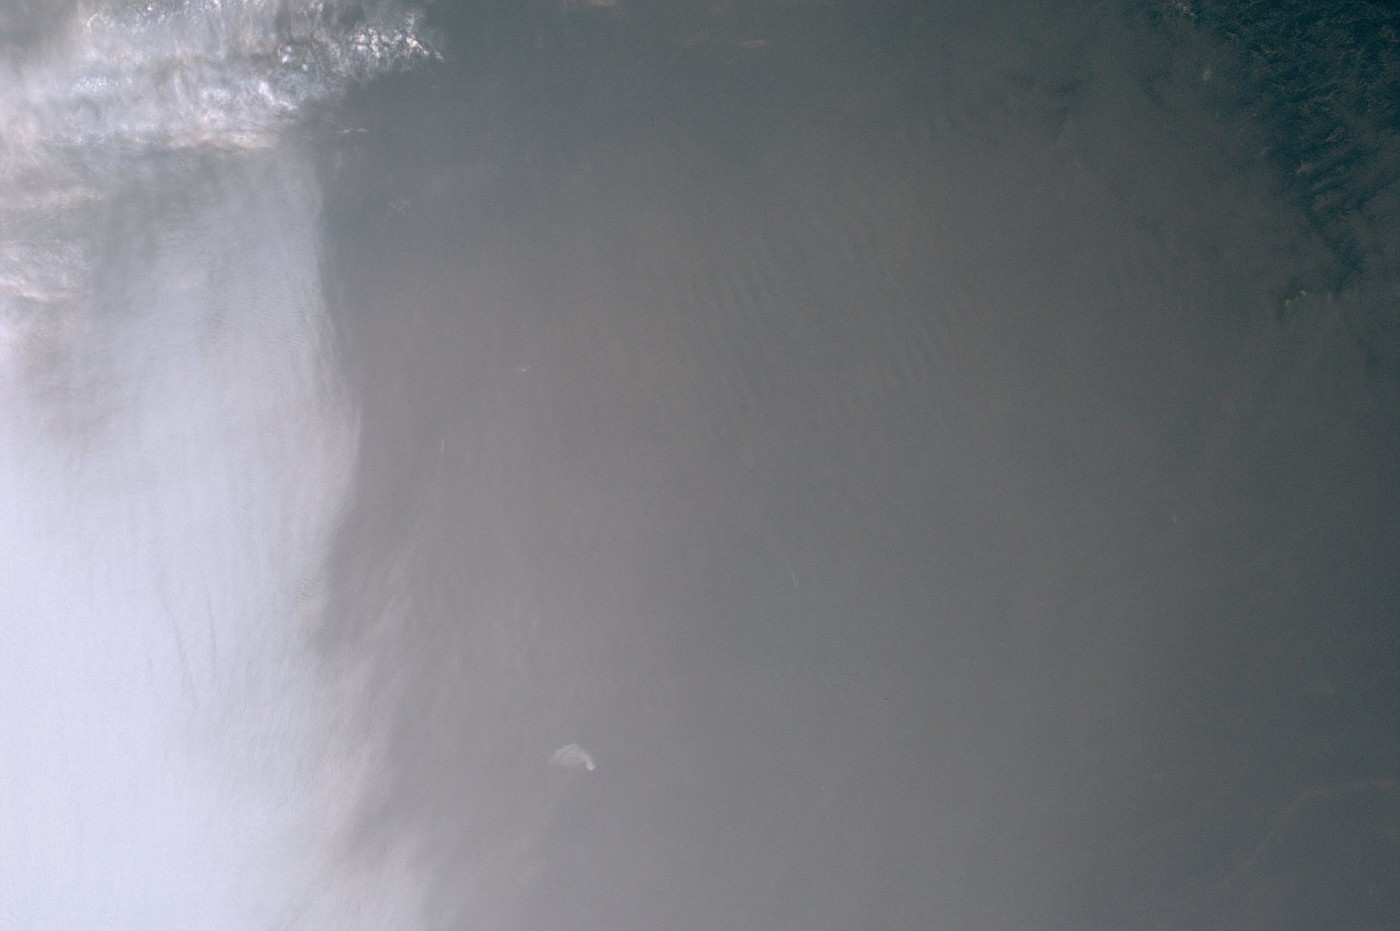 CCFID 19813 2012030233512 IMAGE 001